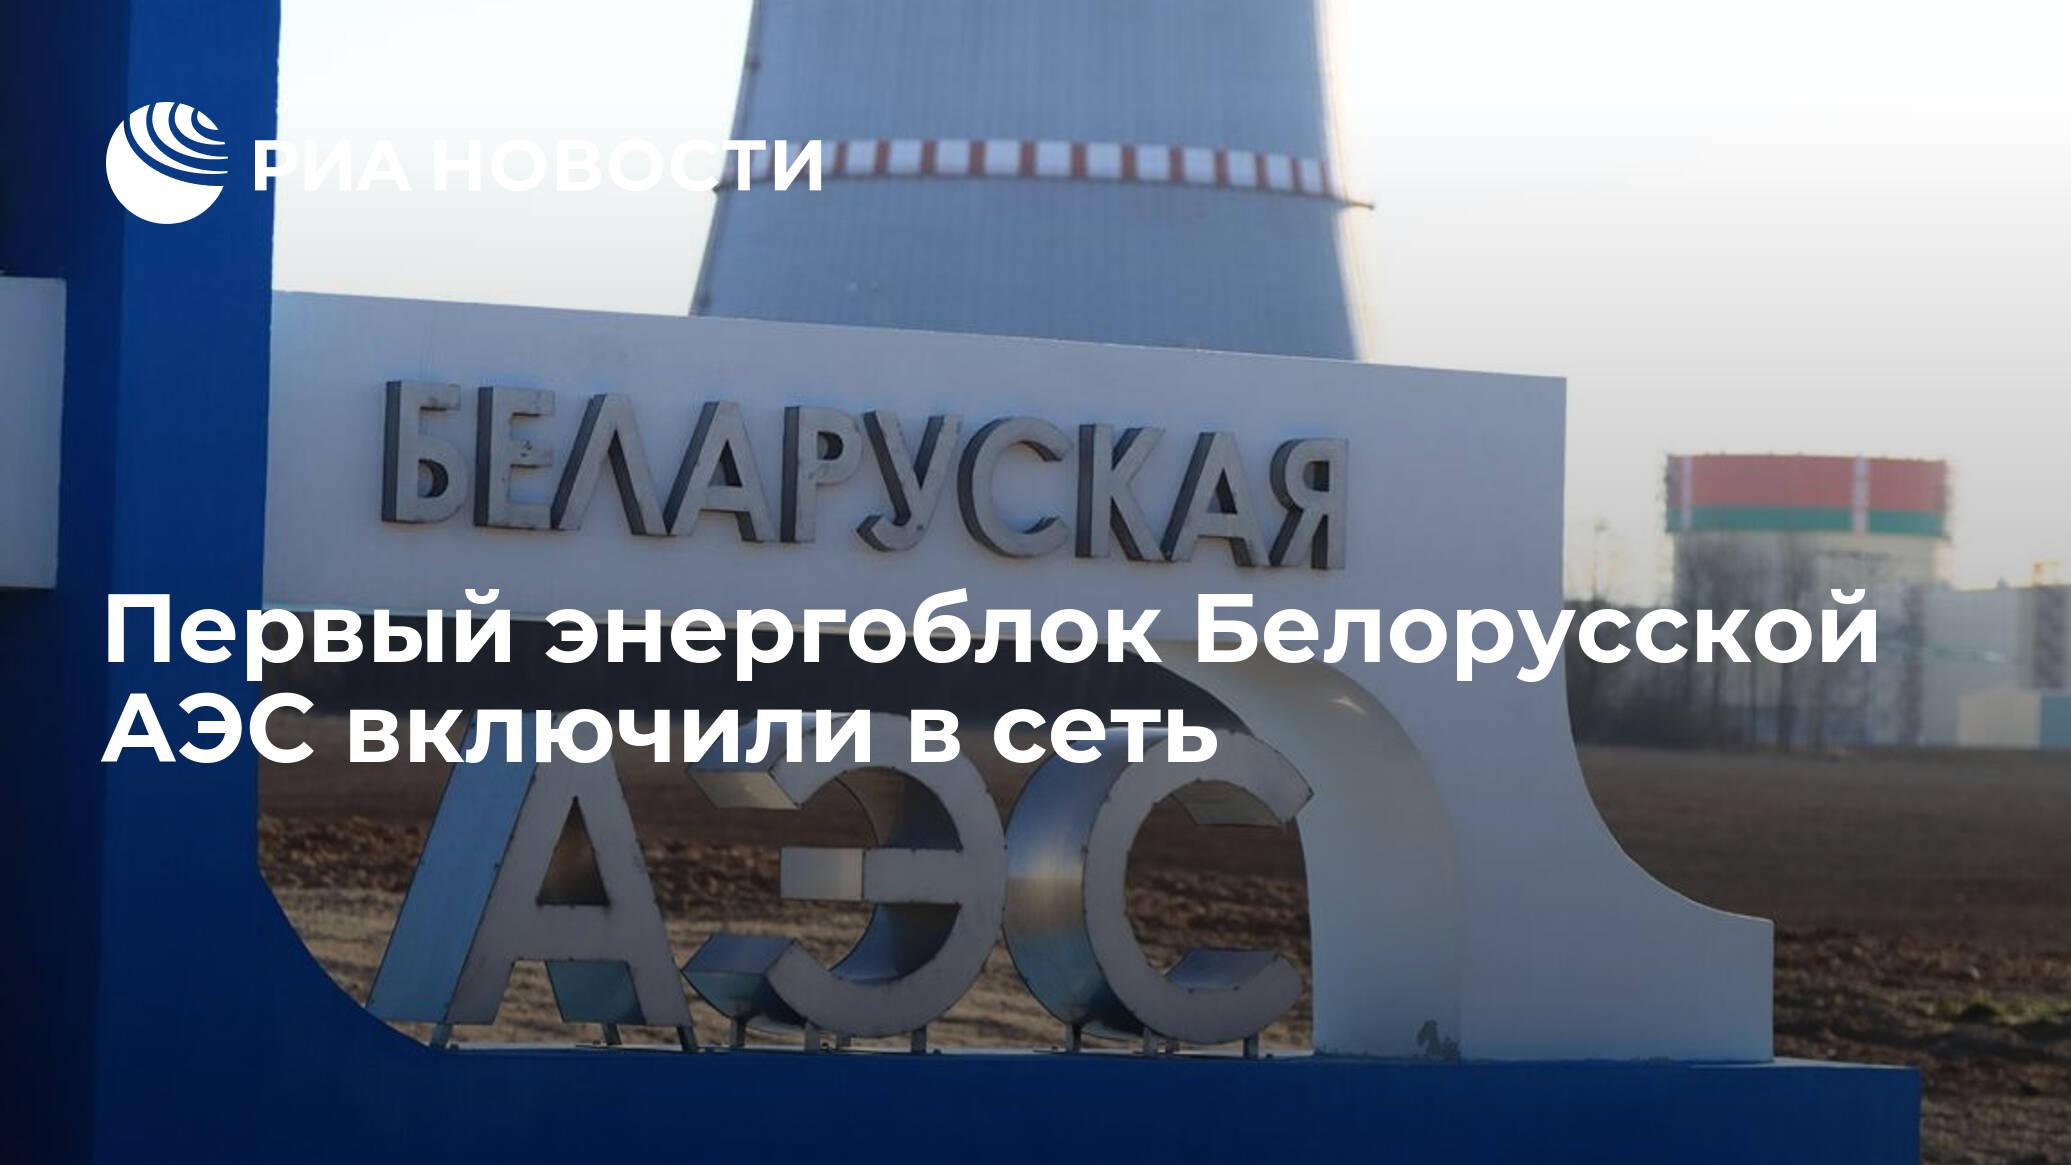 Первый энергоблок Белорусской АЭС включили в сеть